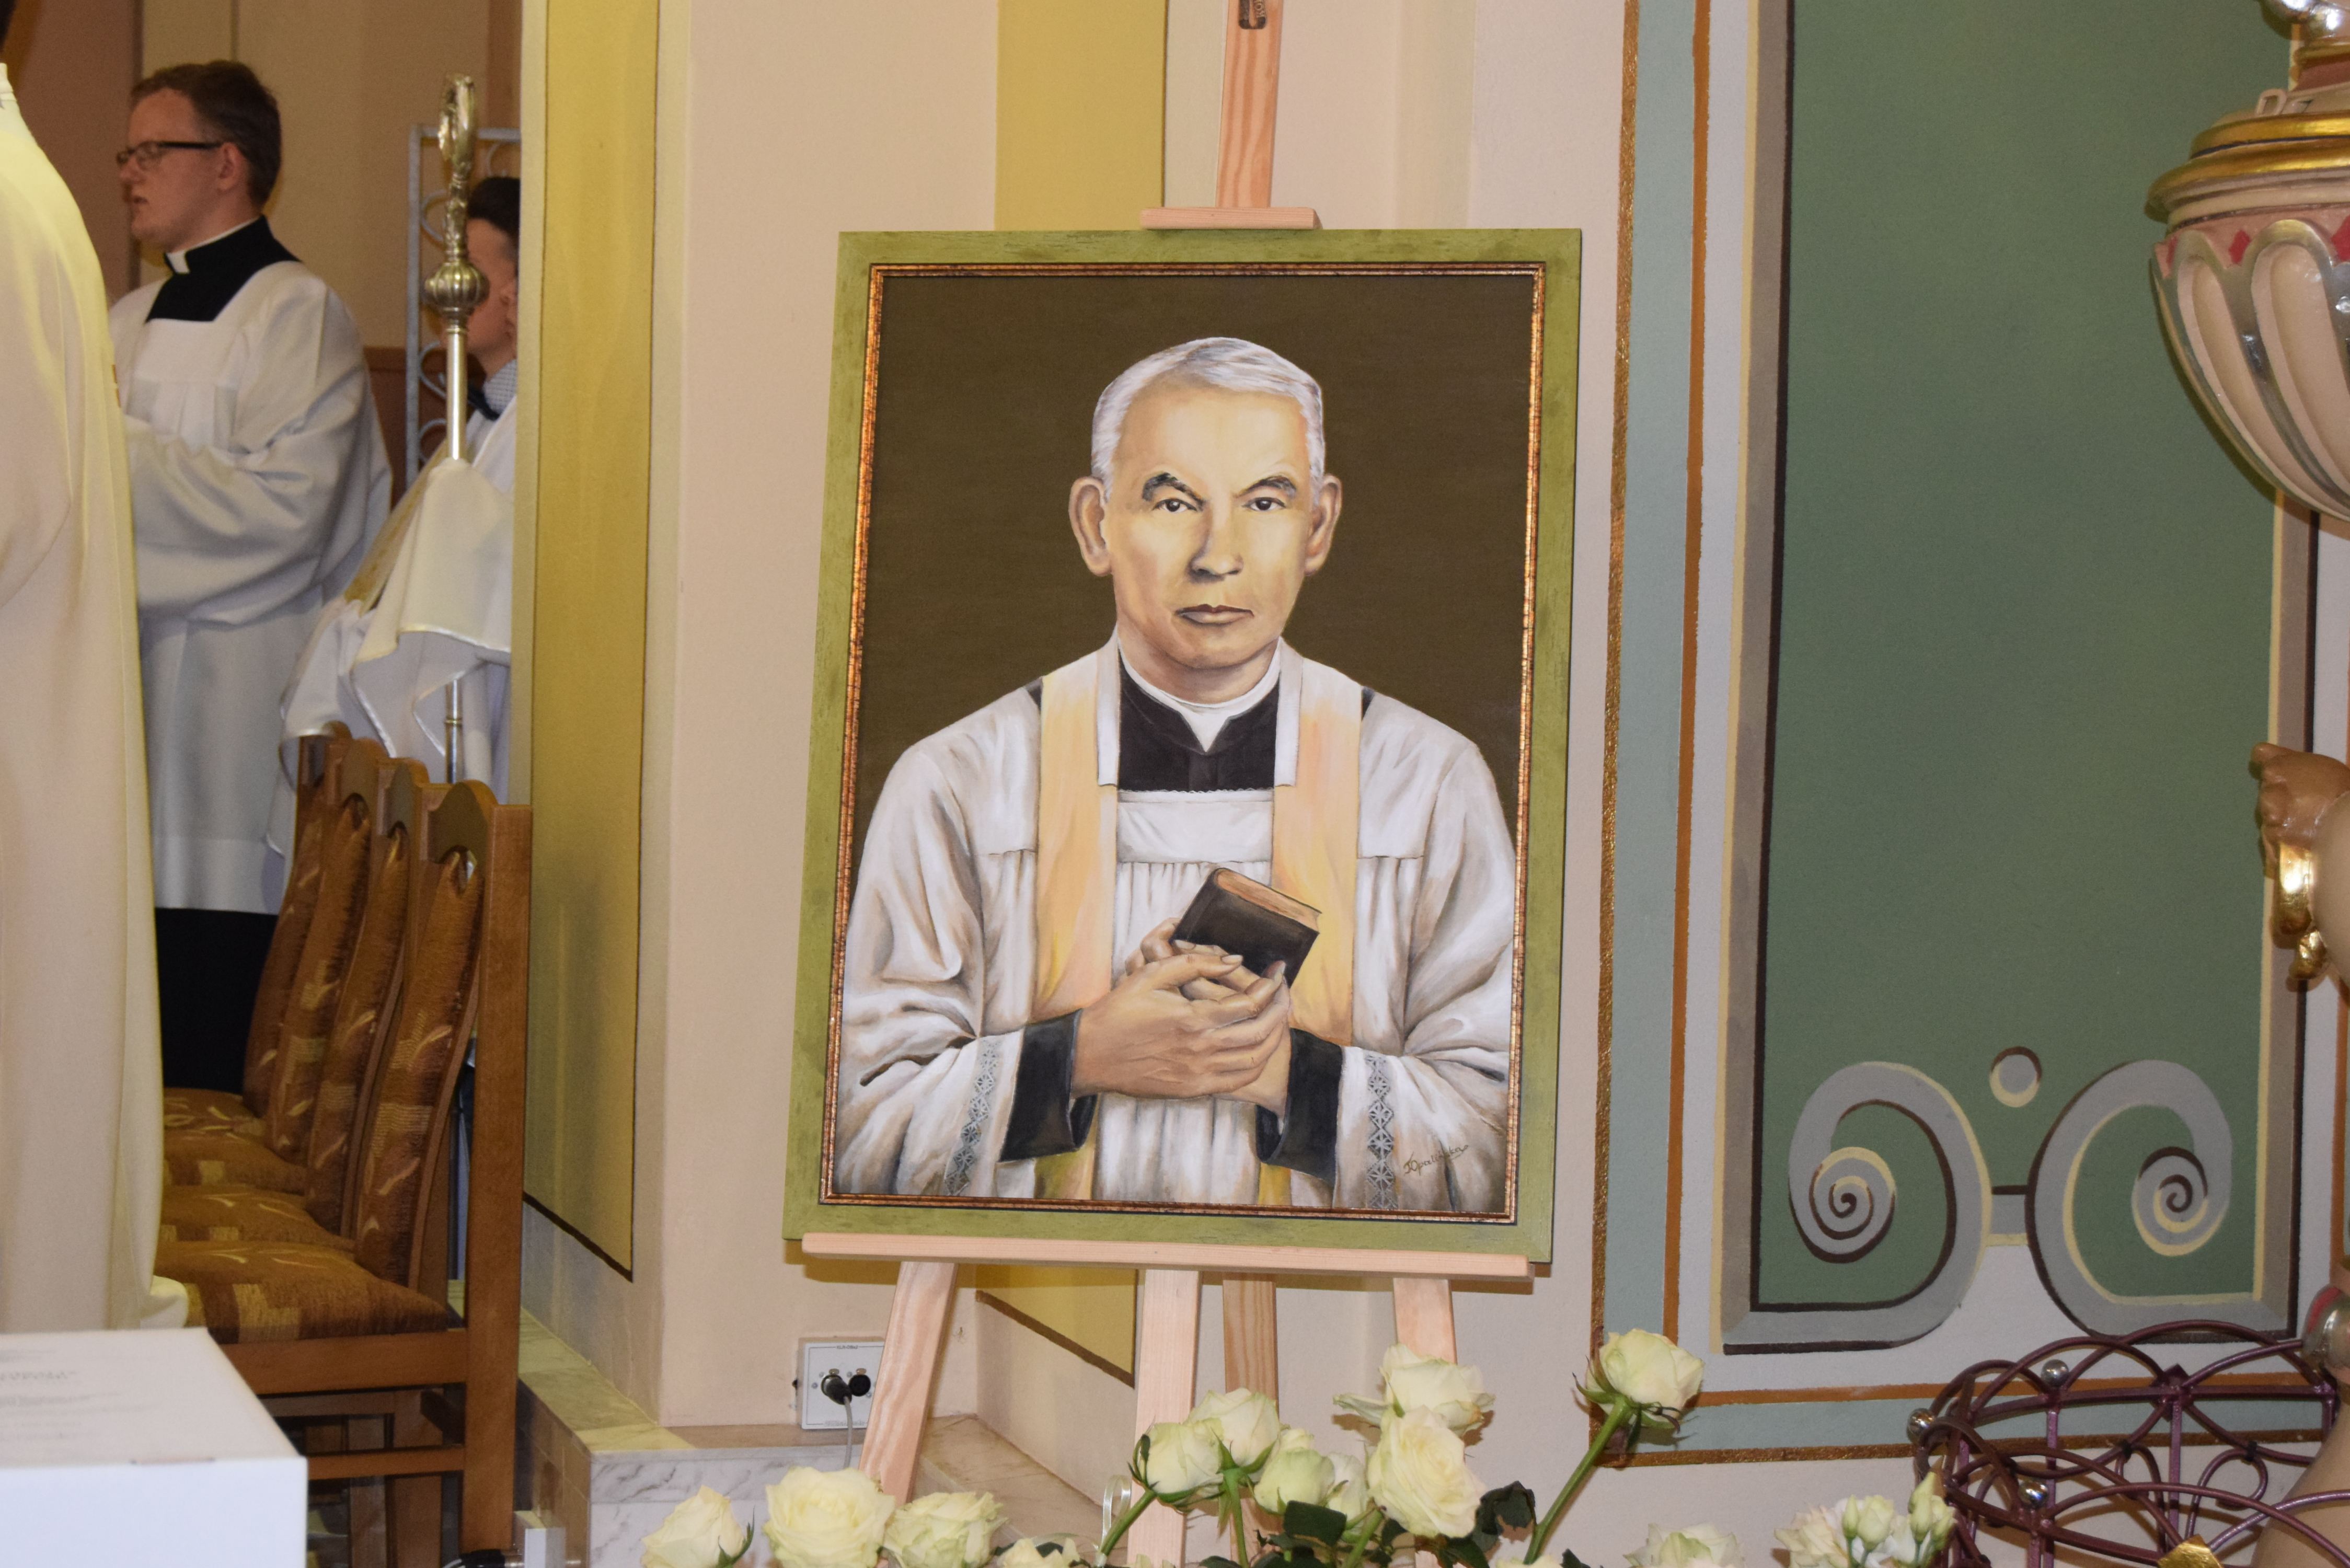 GMINA DZIKOWIEC. Zeznania świadków zostaną odczytane w Rzymie - Zdjęcie główne